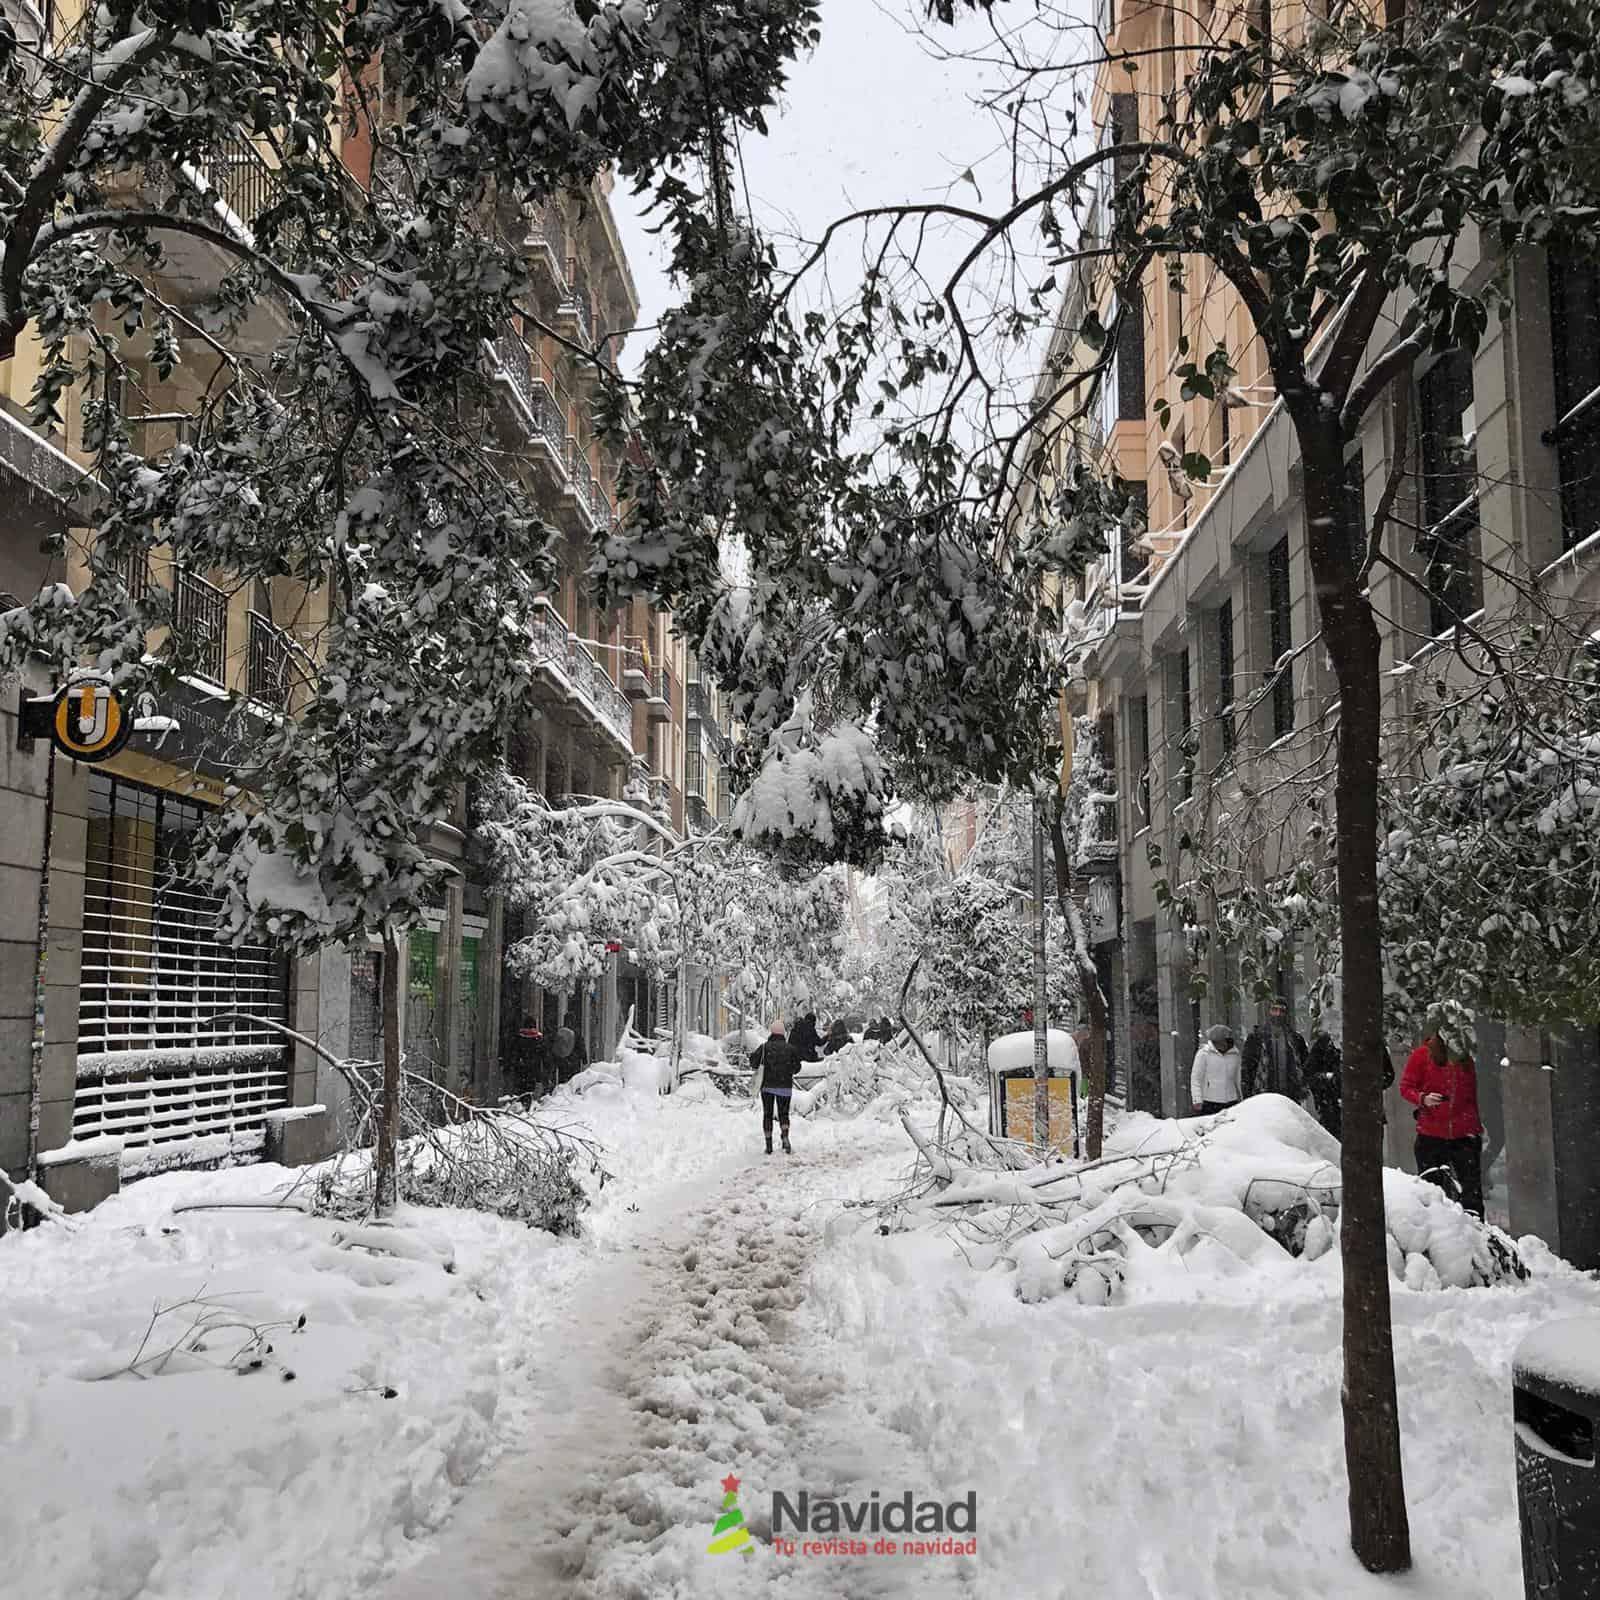 Fotografías de la nevada de enero en Madrid (España) 185